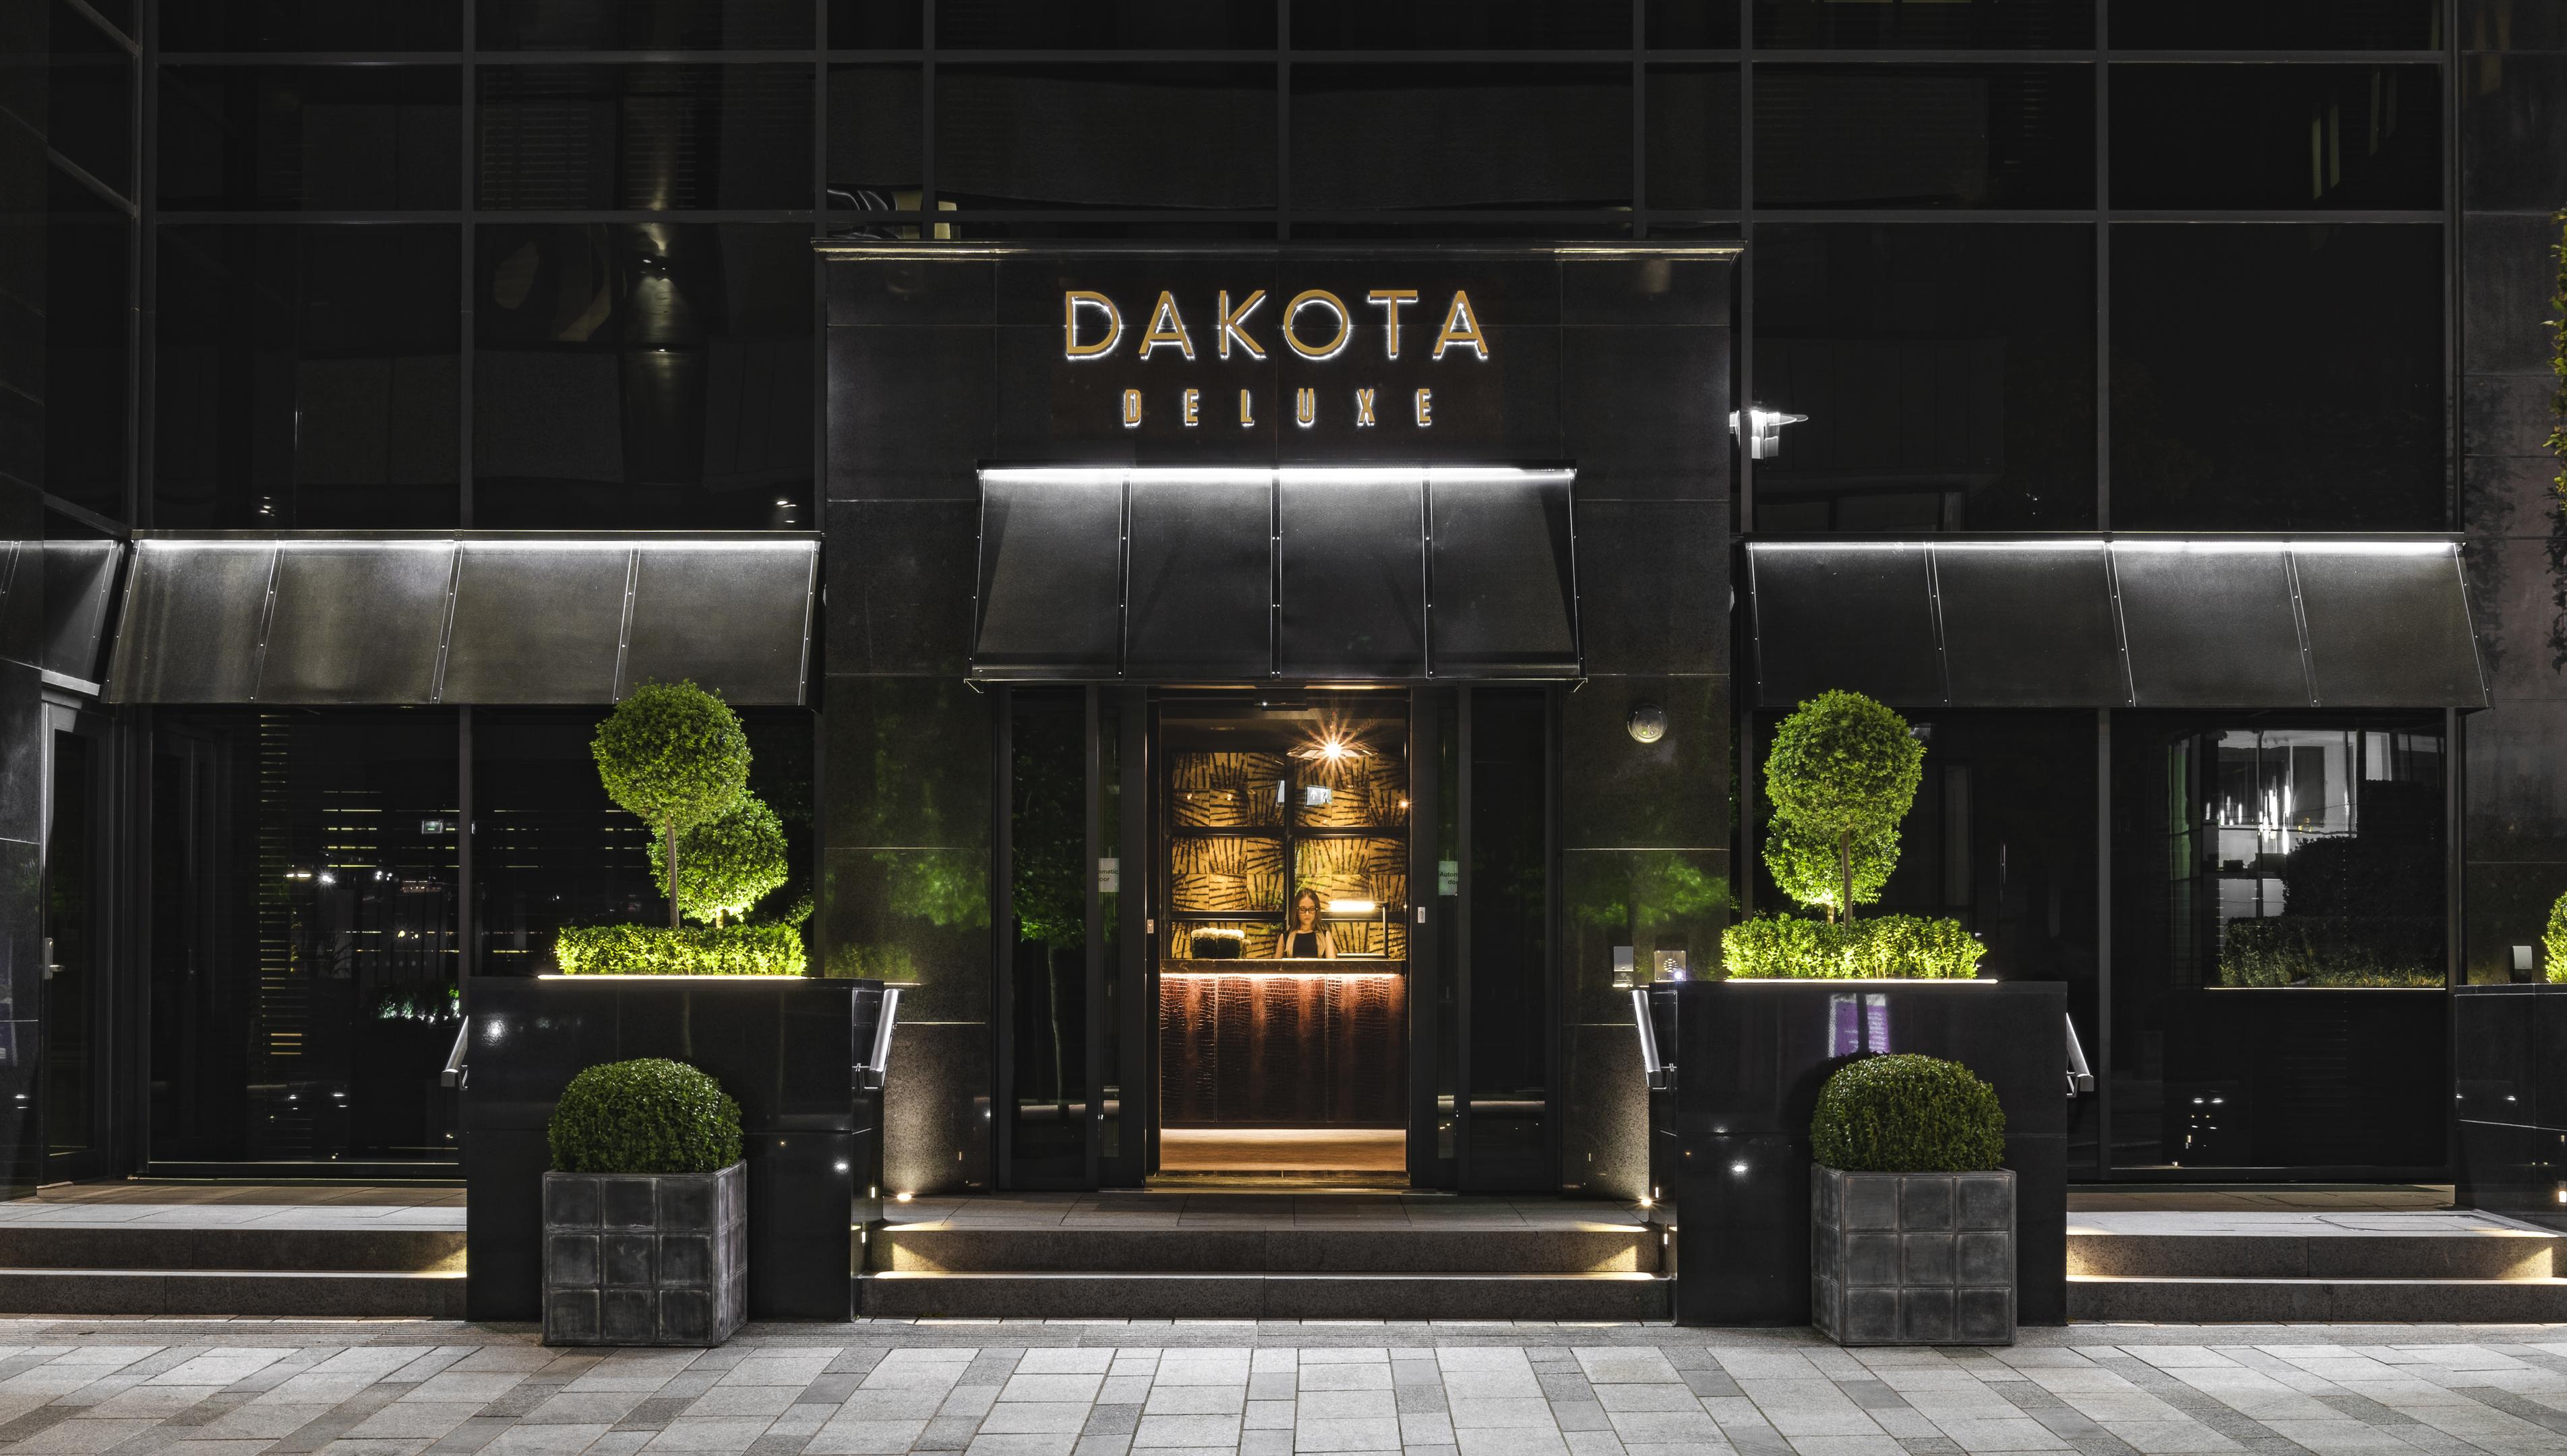 Dakota exterior